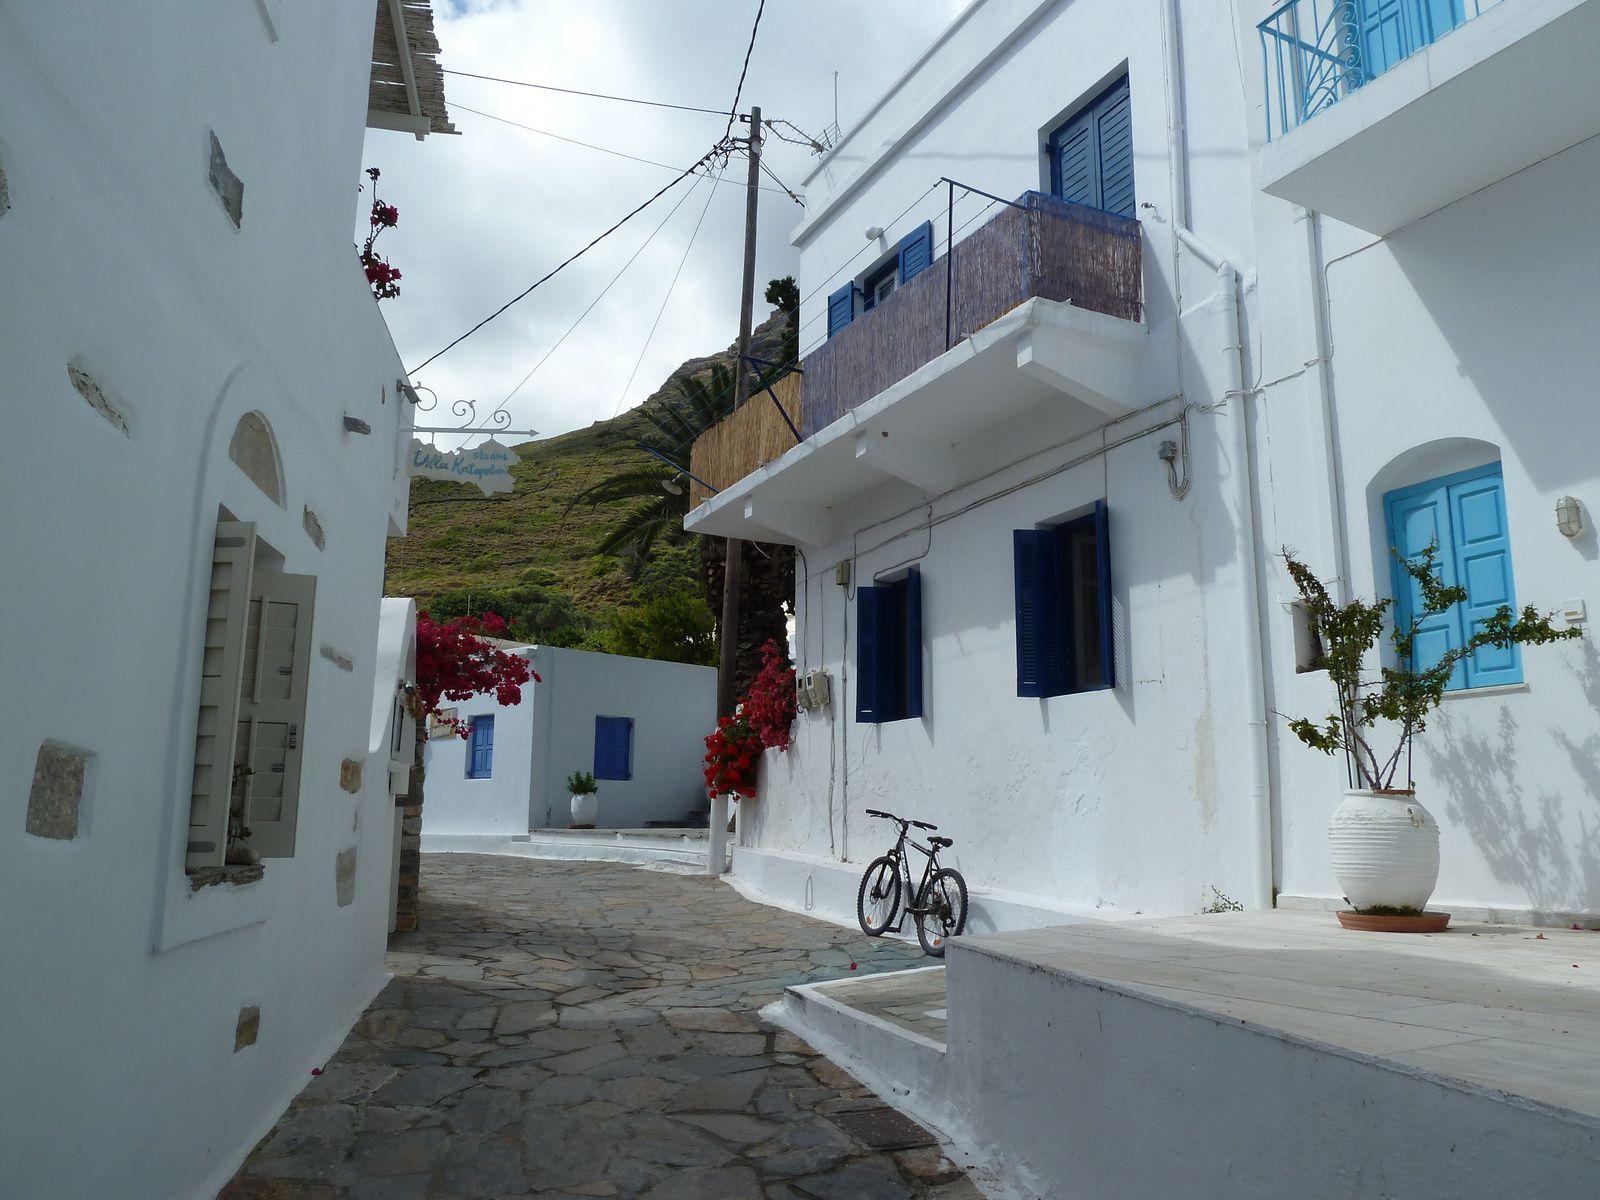 Puis nous revenons vers le centre, le village est aussi blanc, beau et fleuri que la plupart des villages cycladiques.